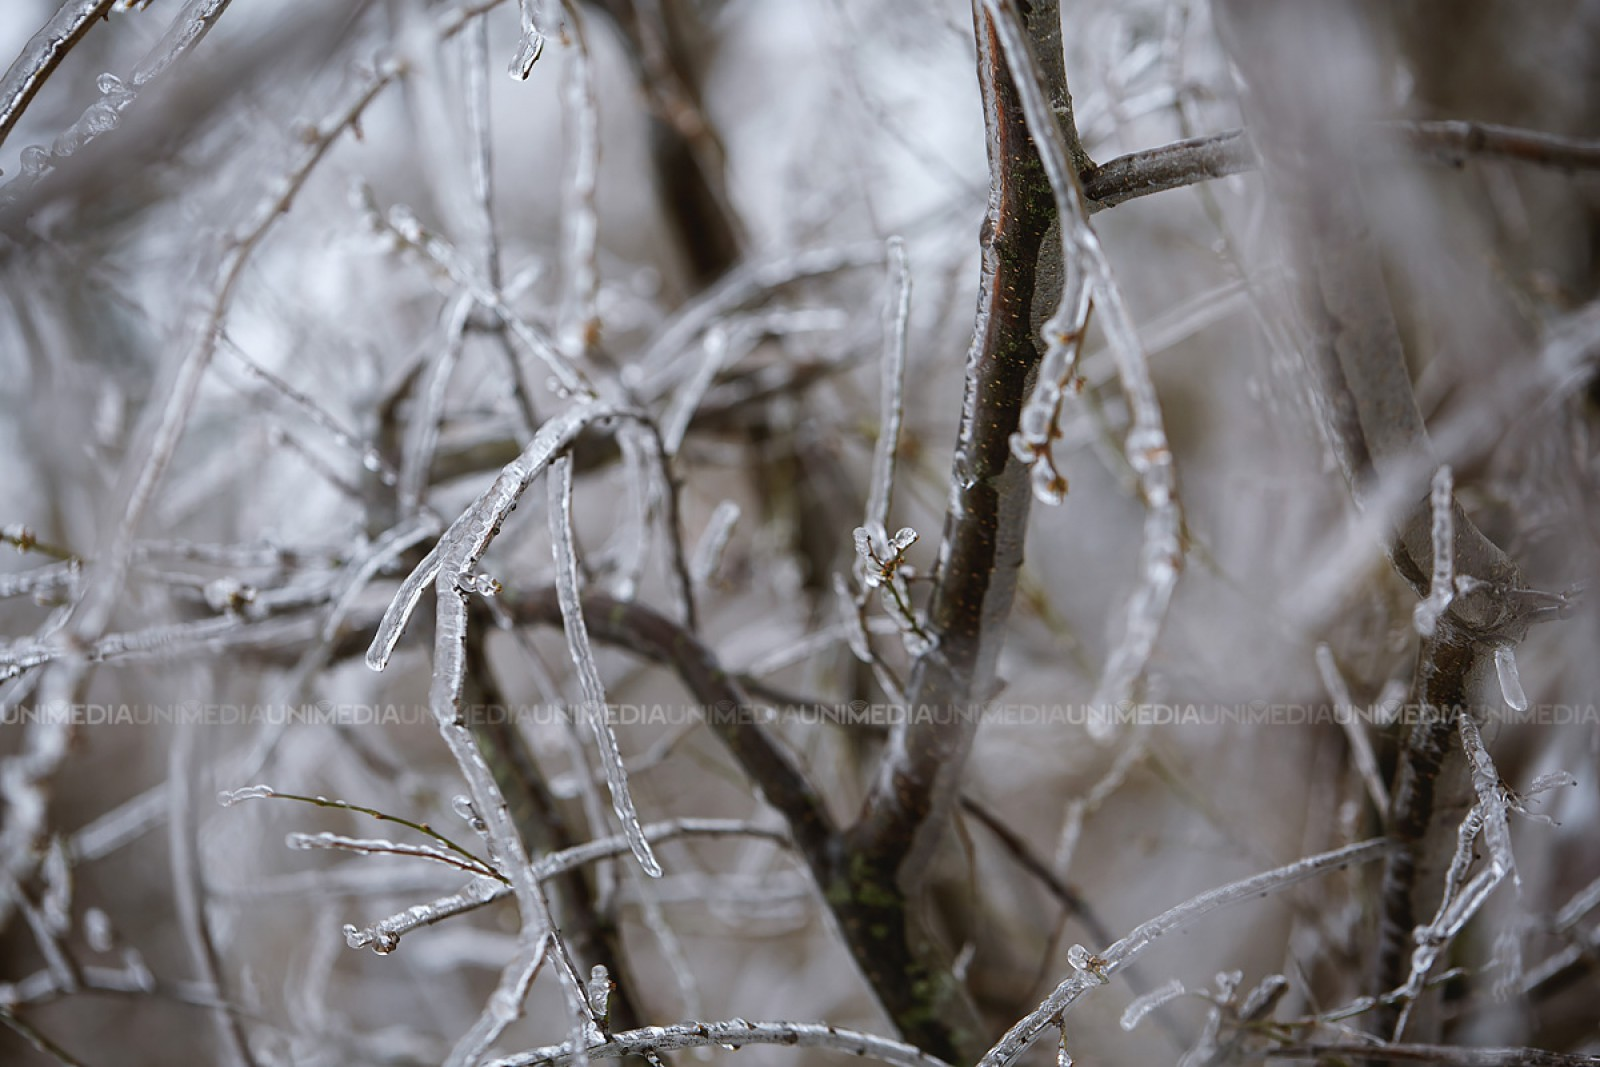 Iarna nu se lasă dusă! Codul galben de ninsori, frig și vânt se prelungește